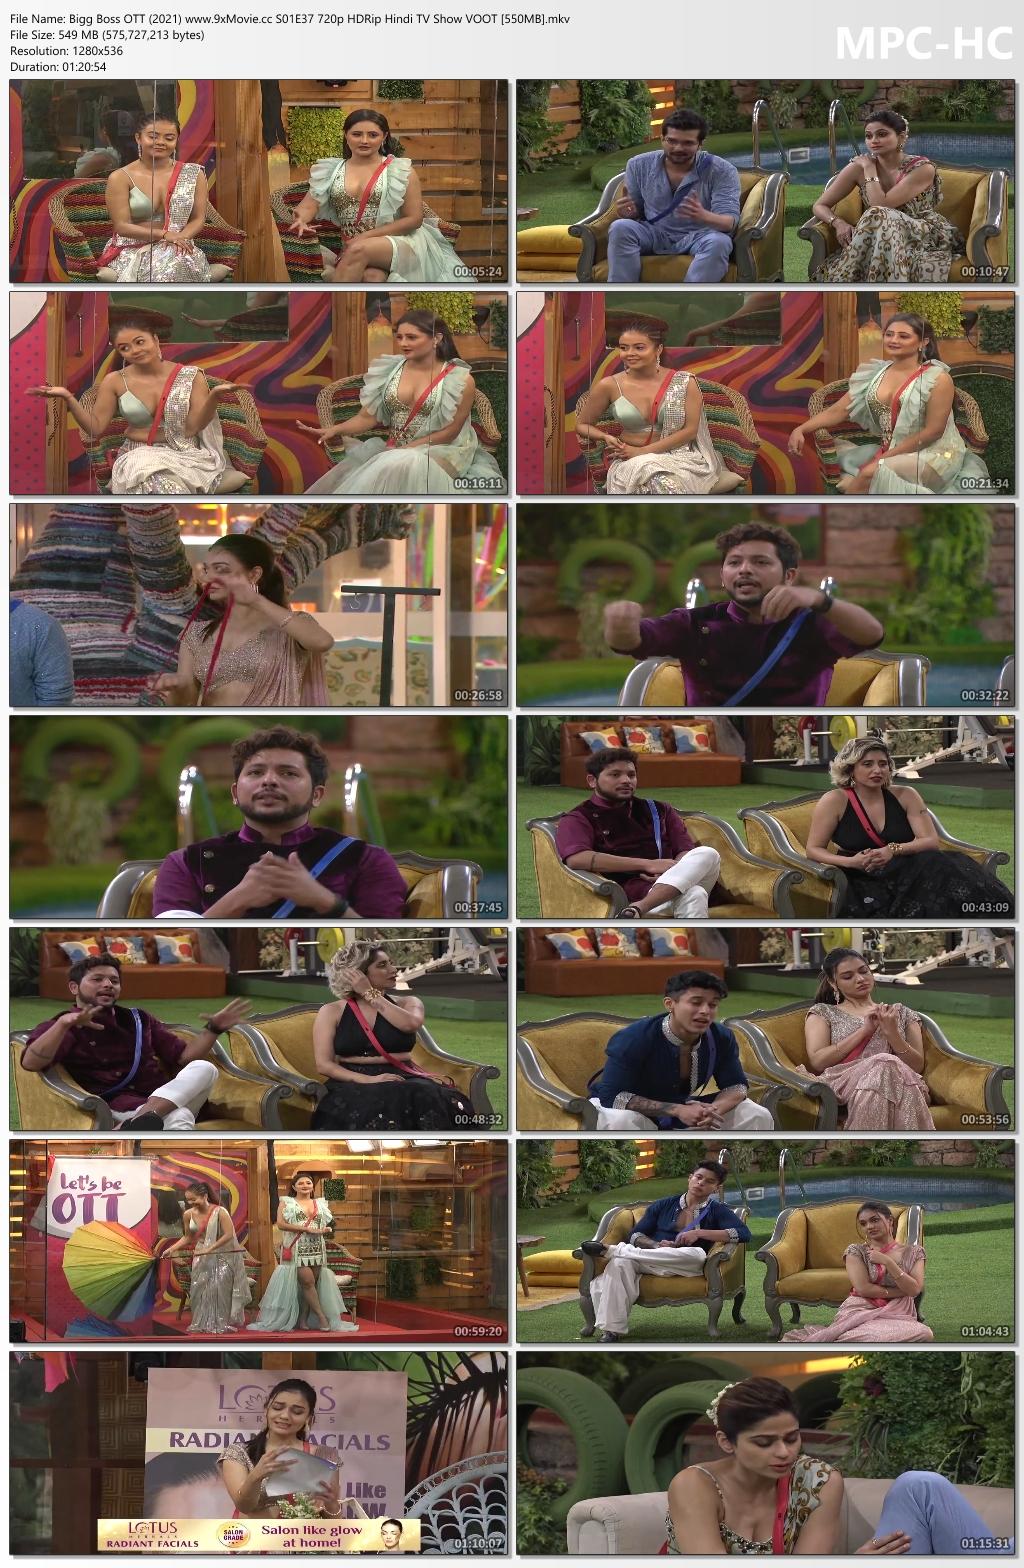 Bigg-Boss-OTT-2021-www-9x-Movie-cc-S01-E37-720p-HDRip-Hindi-TV-Show-VOOT-550-MB-mkv